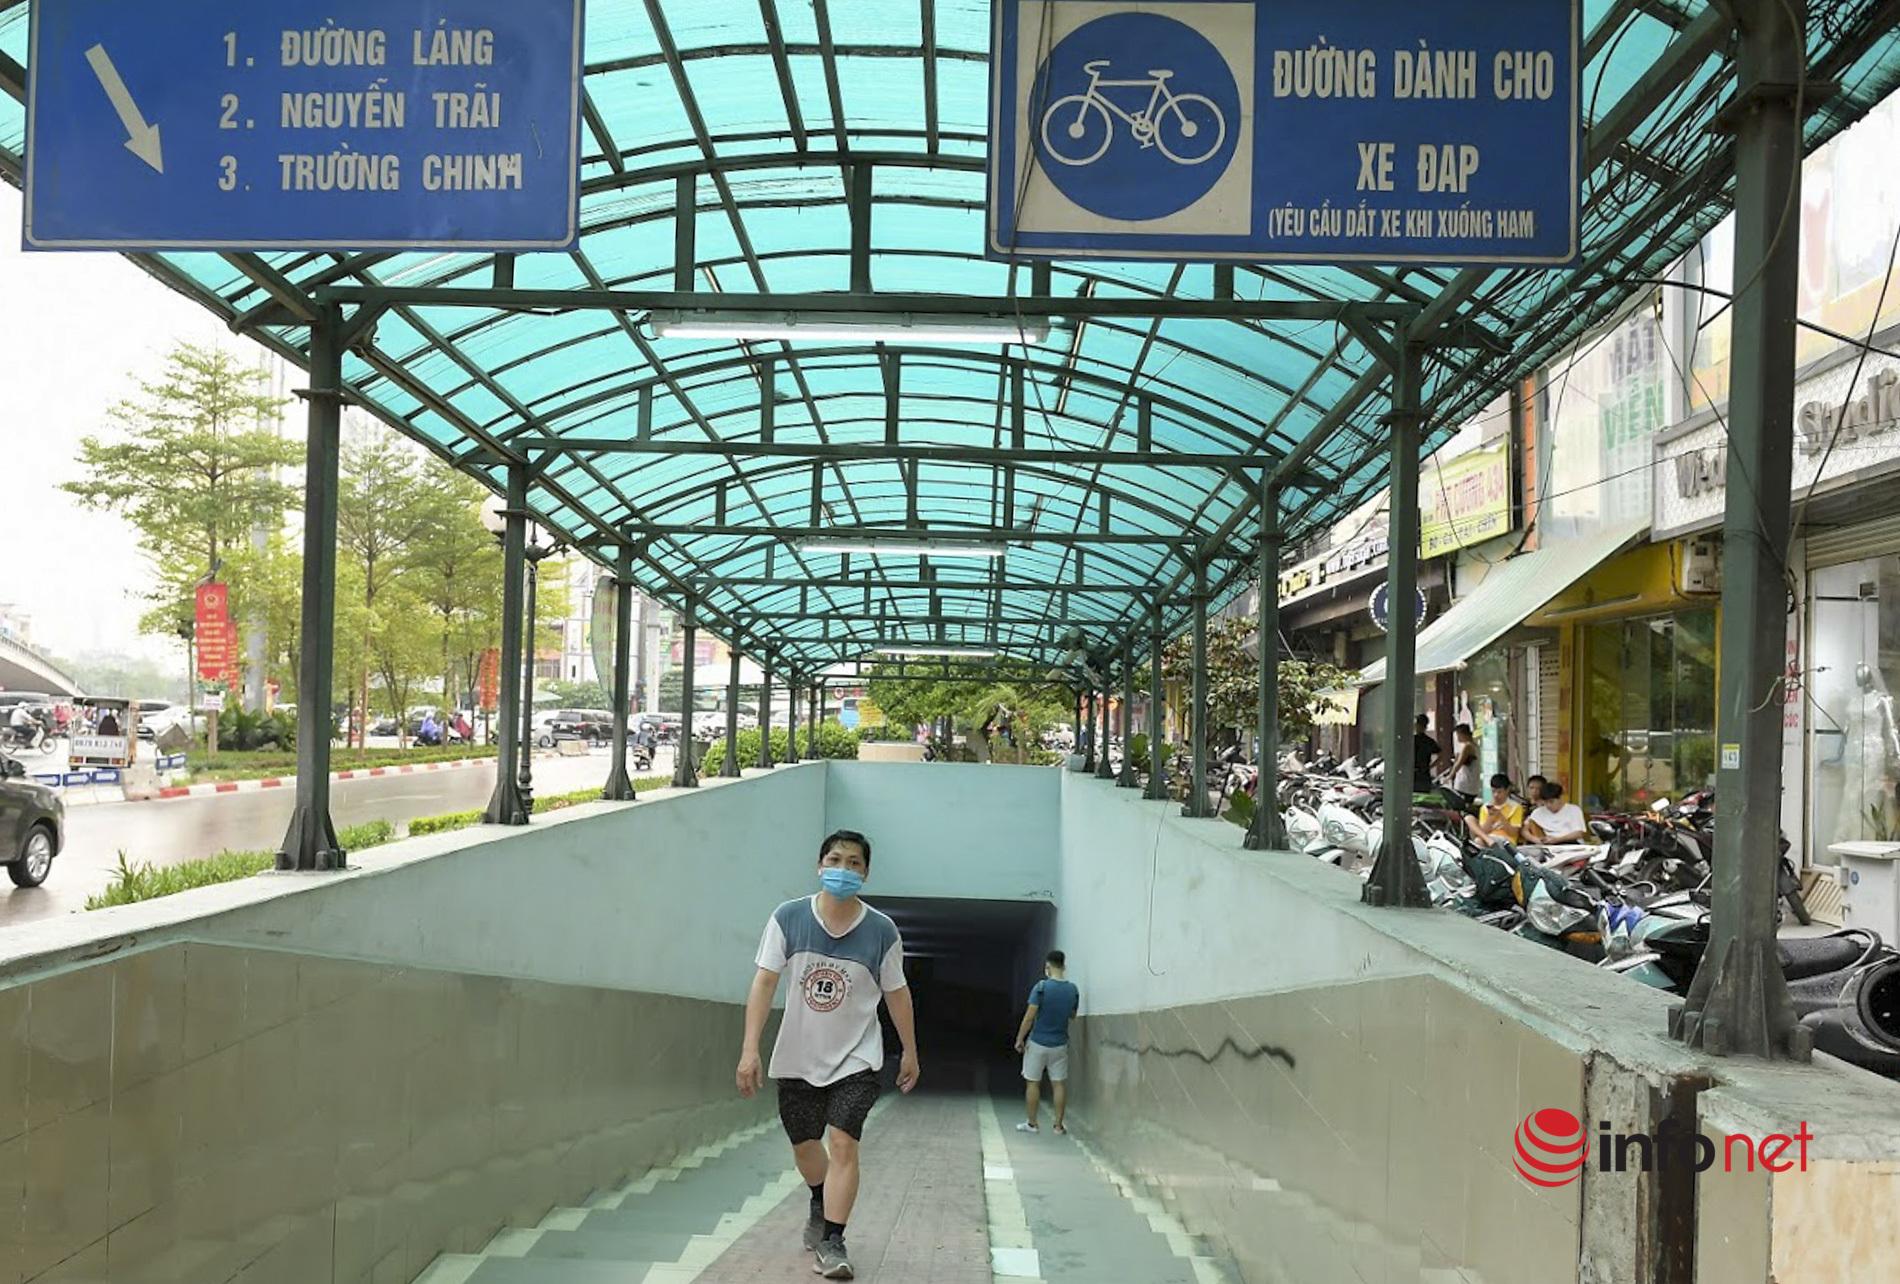 Hà Nội đóng cửa công viên, người dân ào xuống hầm đi bộ tập thể dục